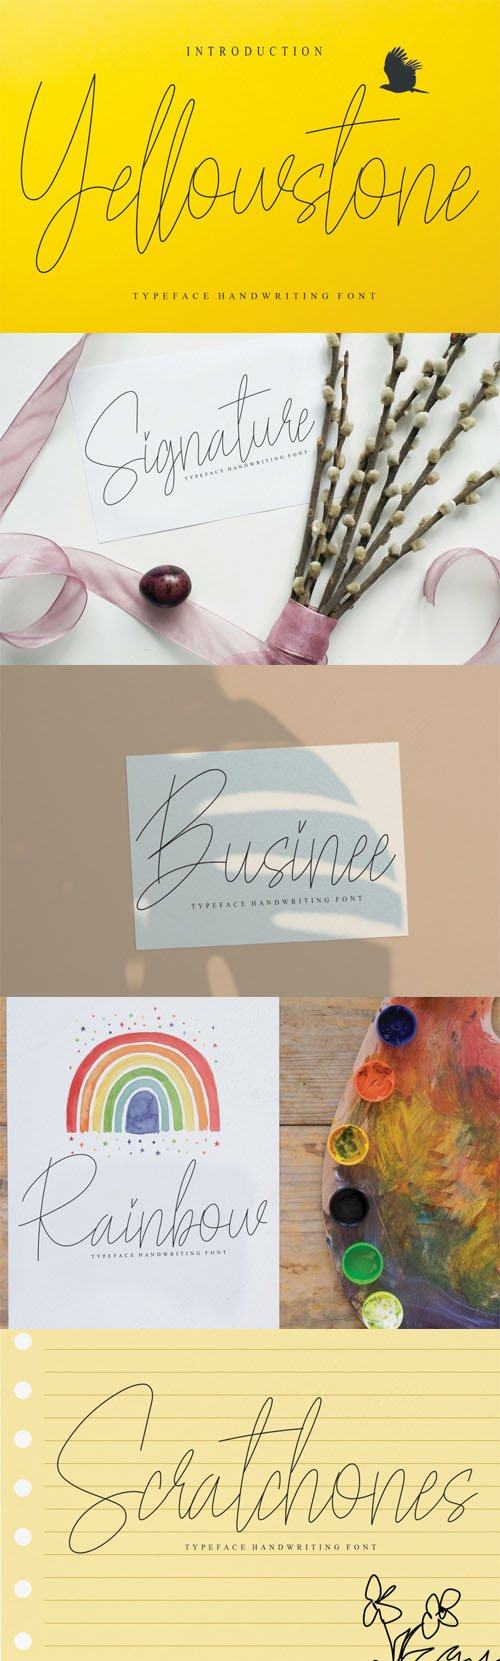 Yellowstone Handwritten Typeface